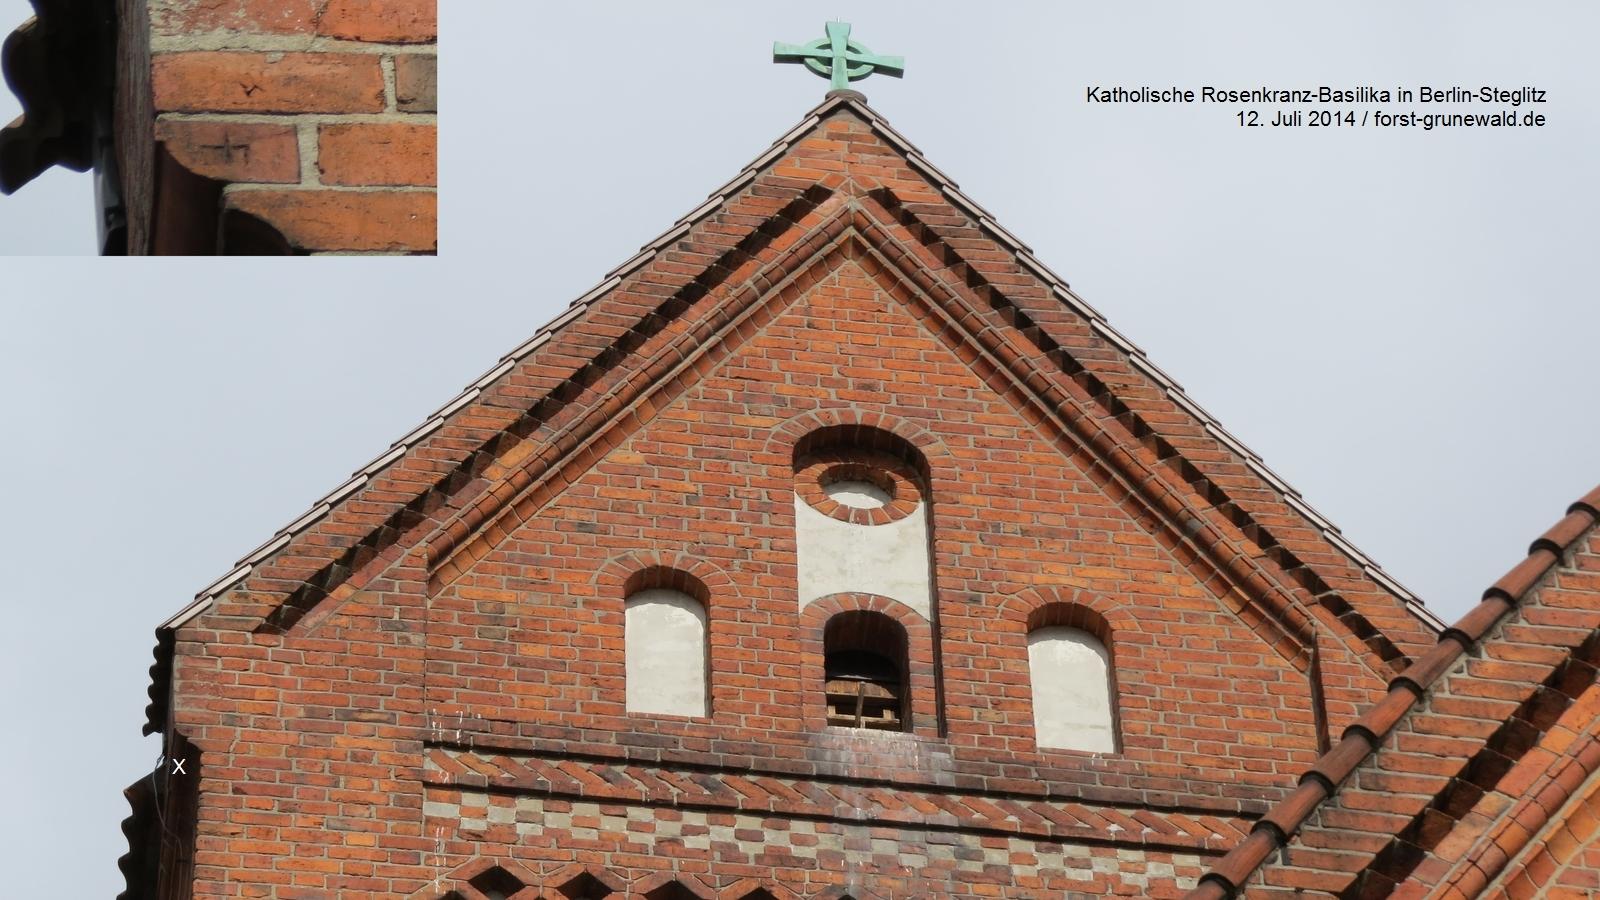 rosenkranz basilika berlin